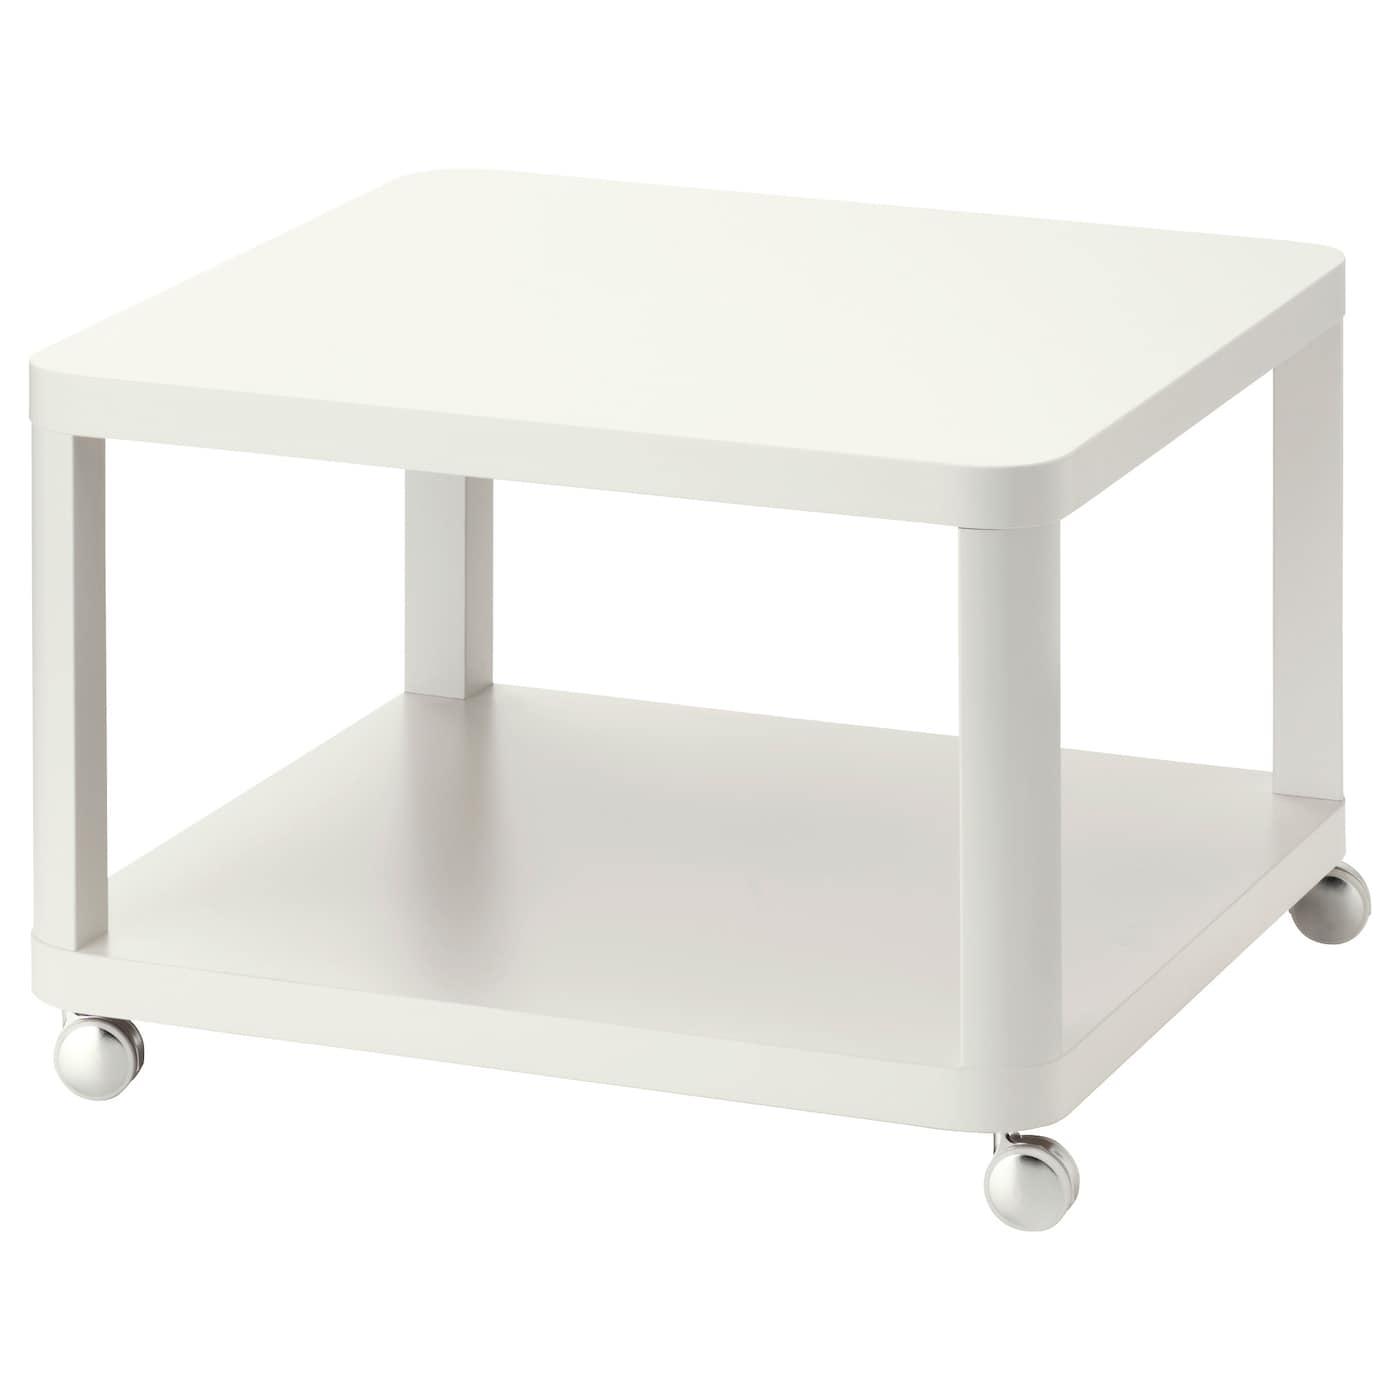 IKEA TINGBY biały stolik na kółkach, 64x64 cm